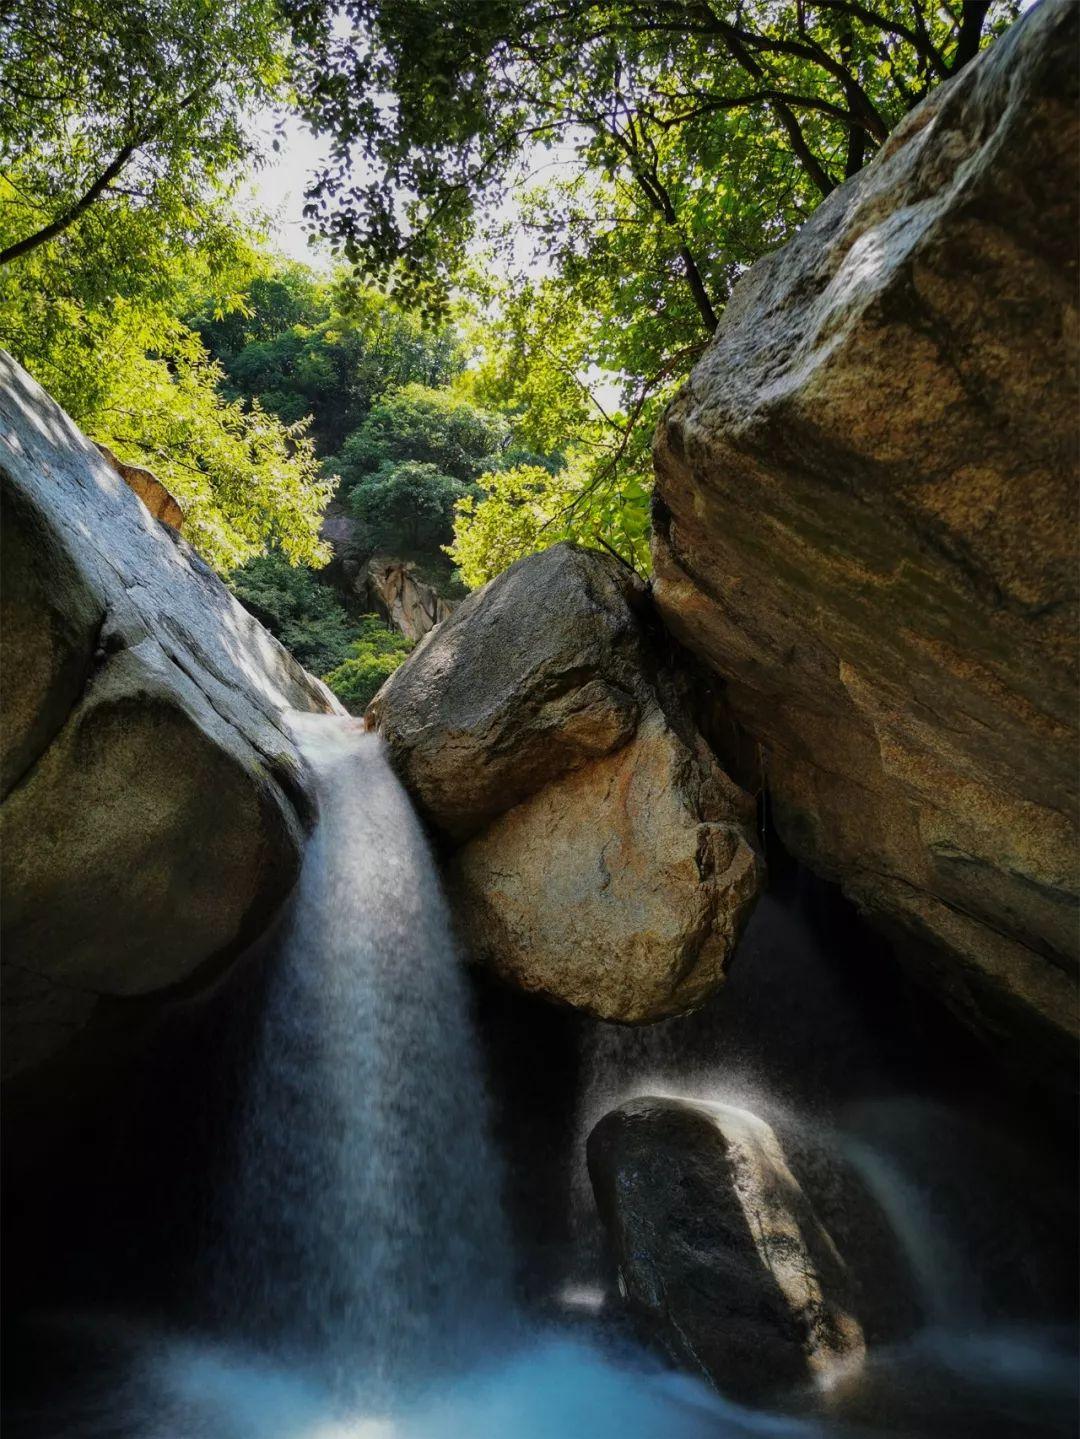 碧潭飞瀑连成串 嵩县这条绝美徒步路线却鲜为人知